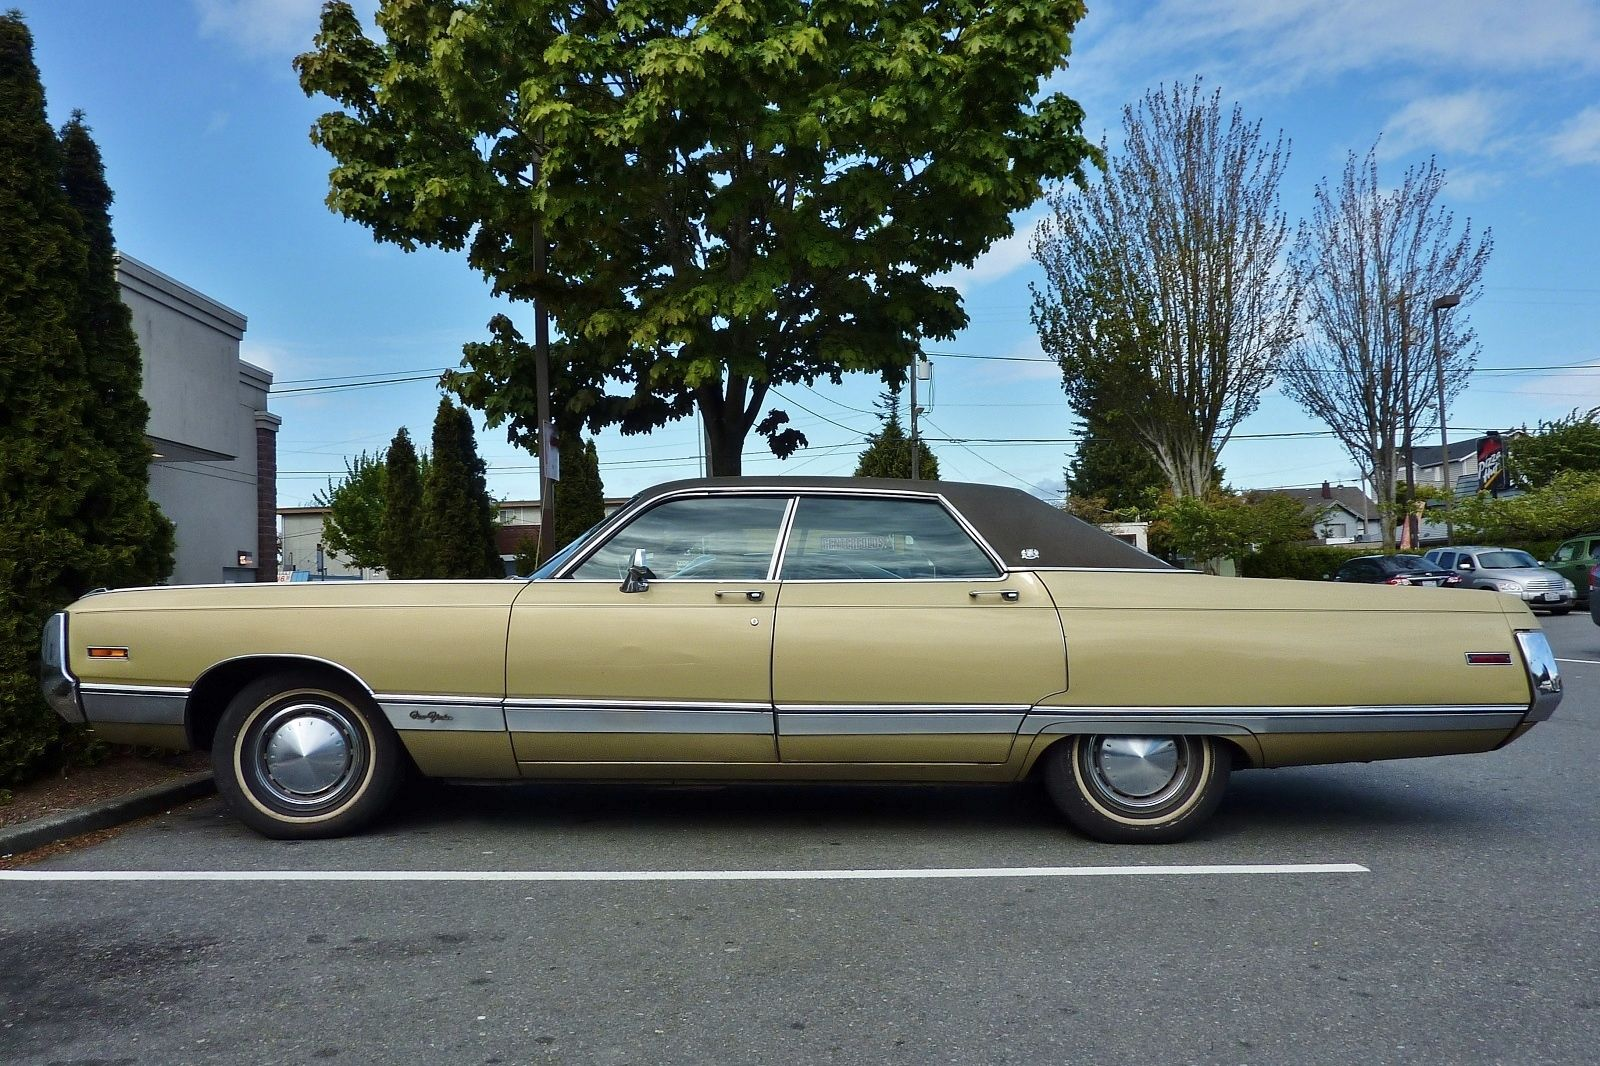 1971 Chrysler New Yorker Google Search Chrysler New Yorker Chrysler Classic Cars